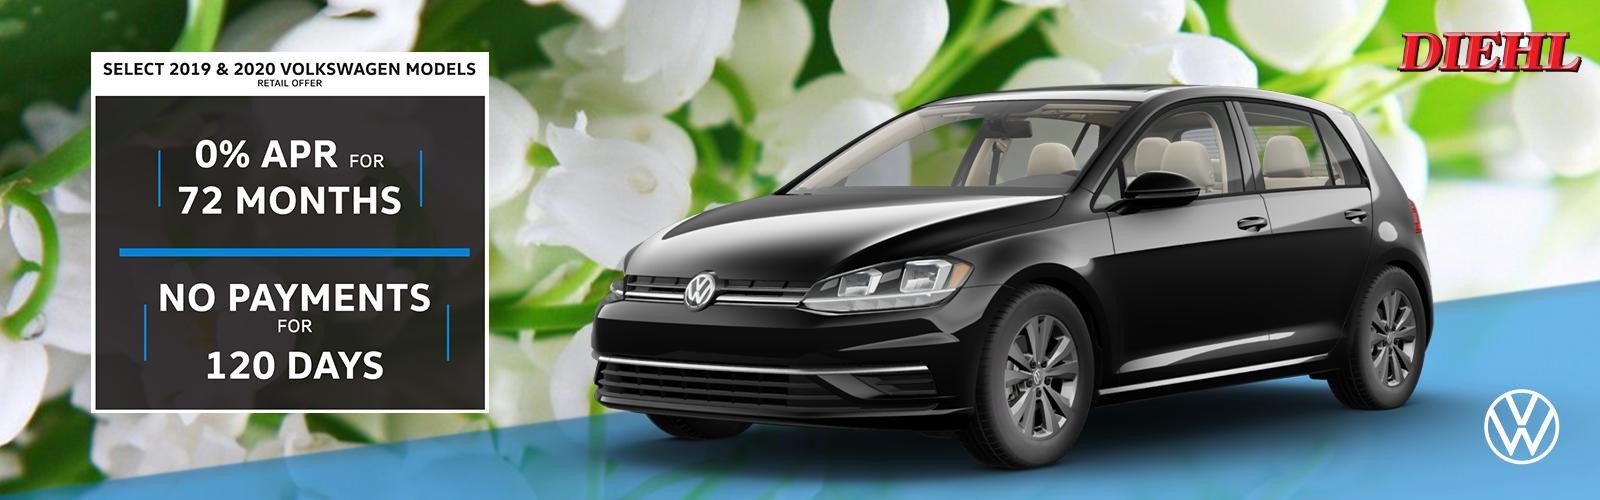 Pennsylvania volkswagen dealership butler pa diehl auto diehl Volkswagen butler retail special Volkswagen promise finance deal new vehicle special coronavirus deal COVID-19 special